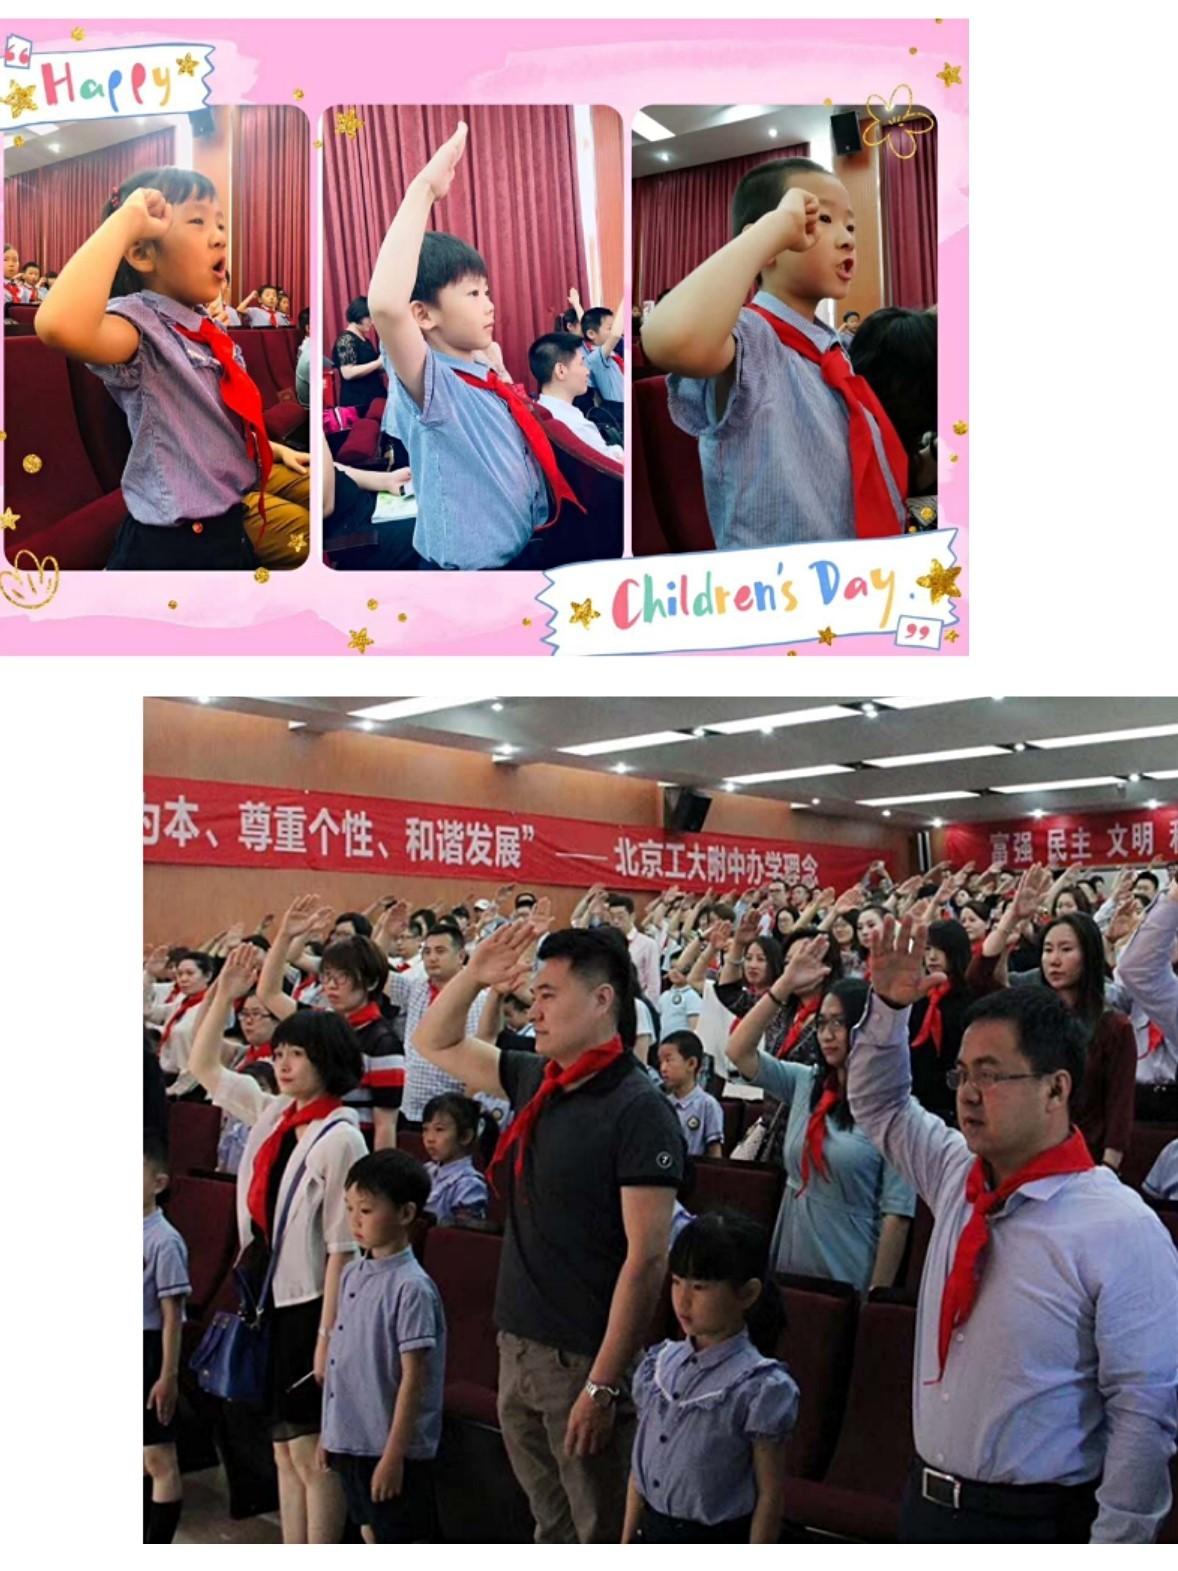 接过爸爸妈妈胸前的红领巾一年级入队仪式 (2).jpeg